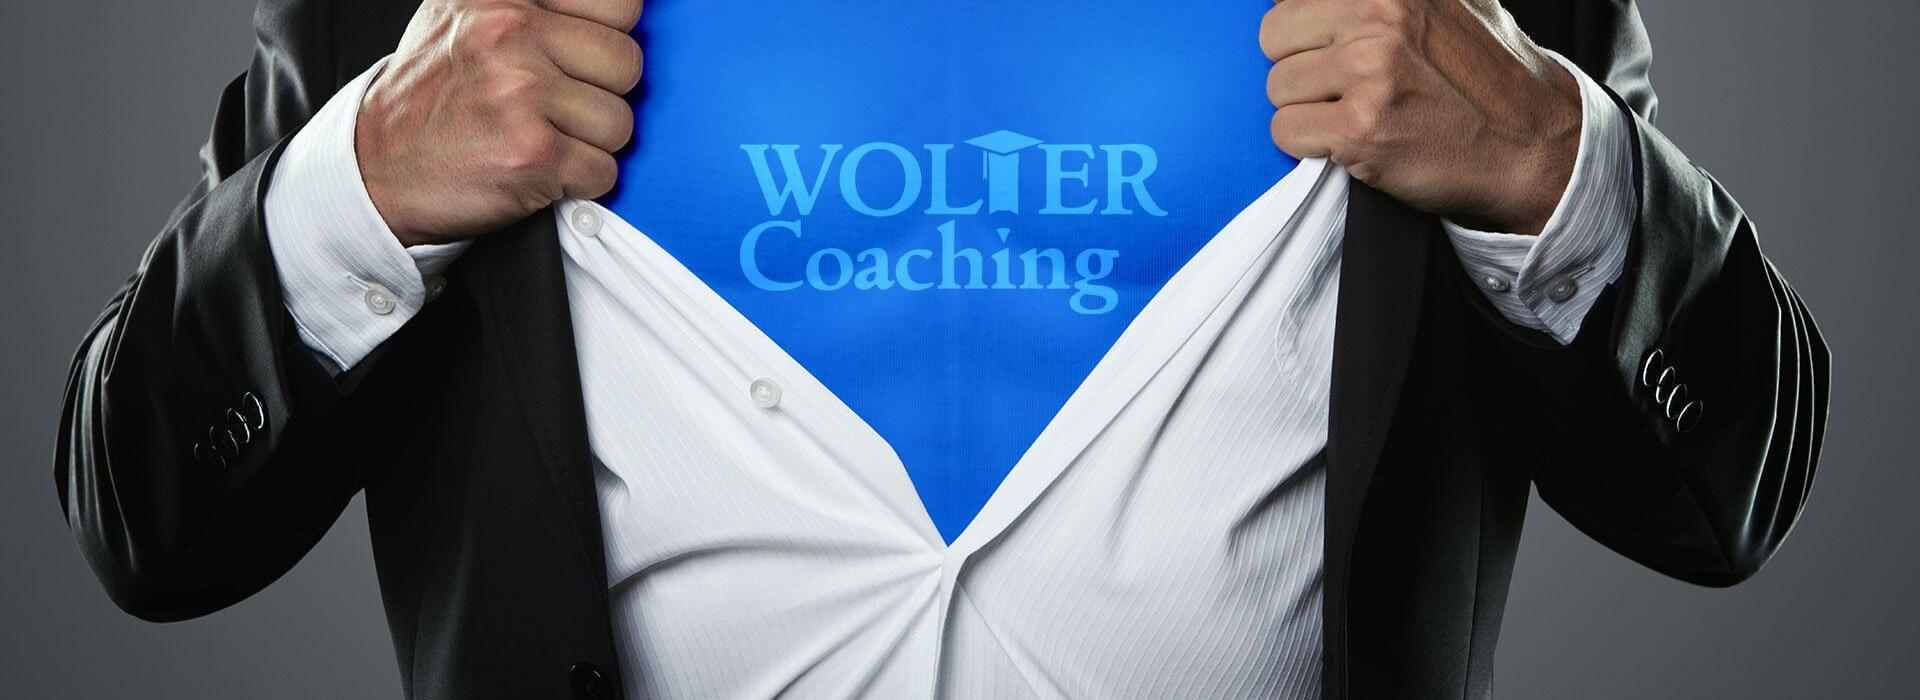 Bild Mensch   Wolter Coaching